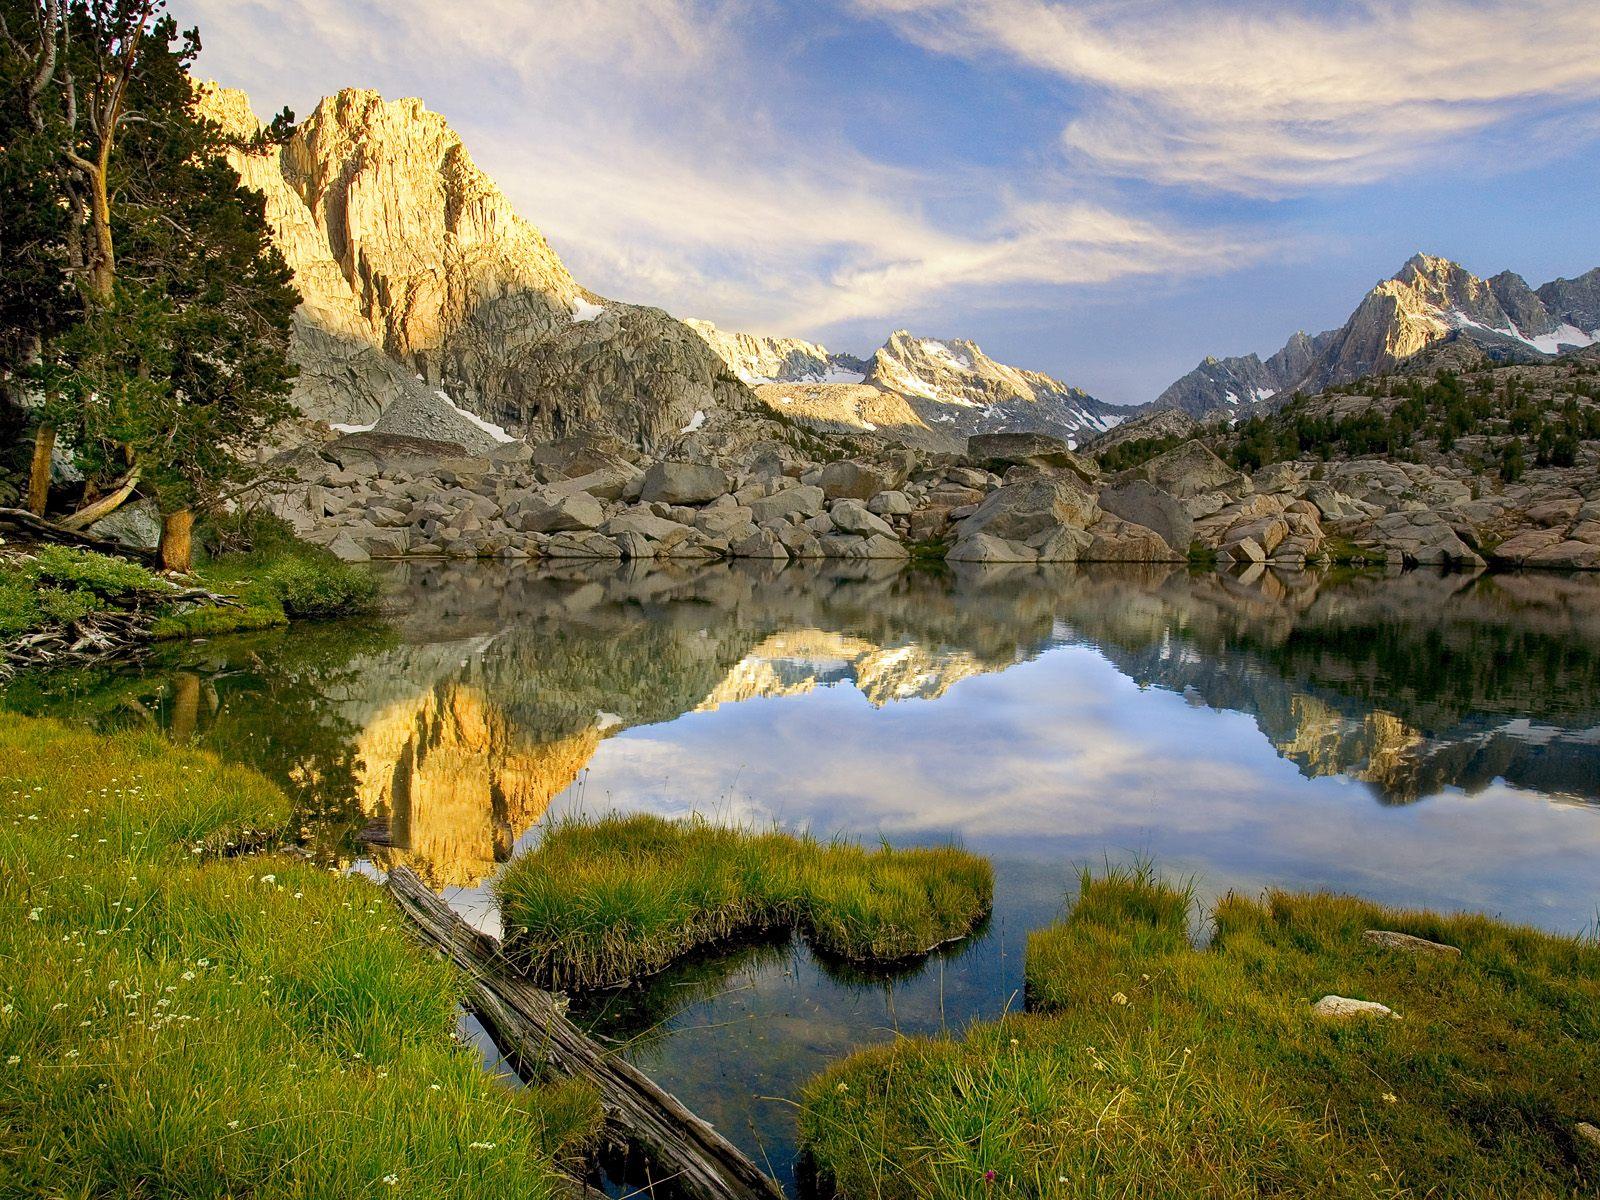 http://4.bp.blogspot.com/_HkbWdsz-H8g/S74FrA7rr_I/AAAAAAAAIlc/H3DShEqaegM/s1600/Pee+Wee+Lake,+Sierra+Nevada+Mountains,+California.jpg